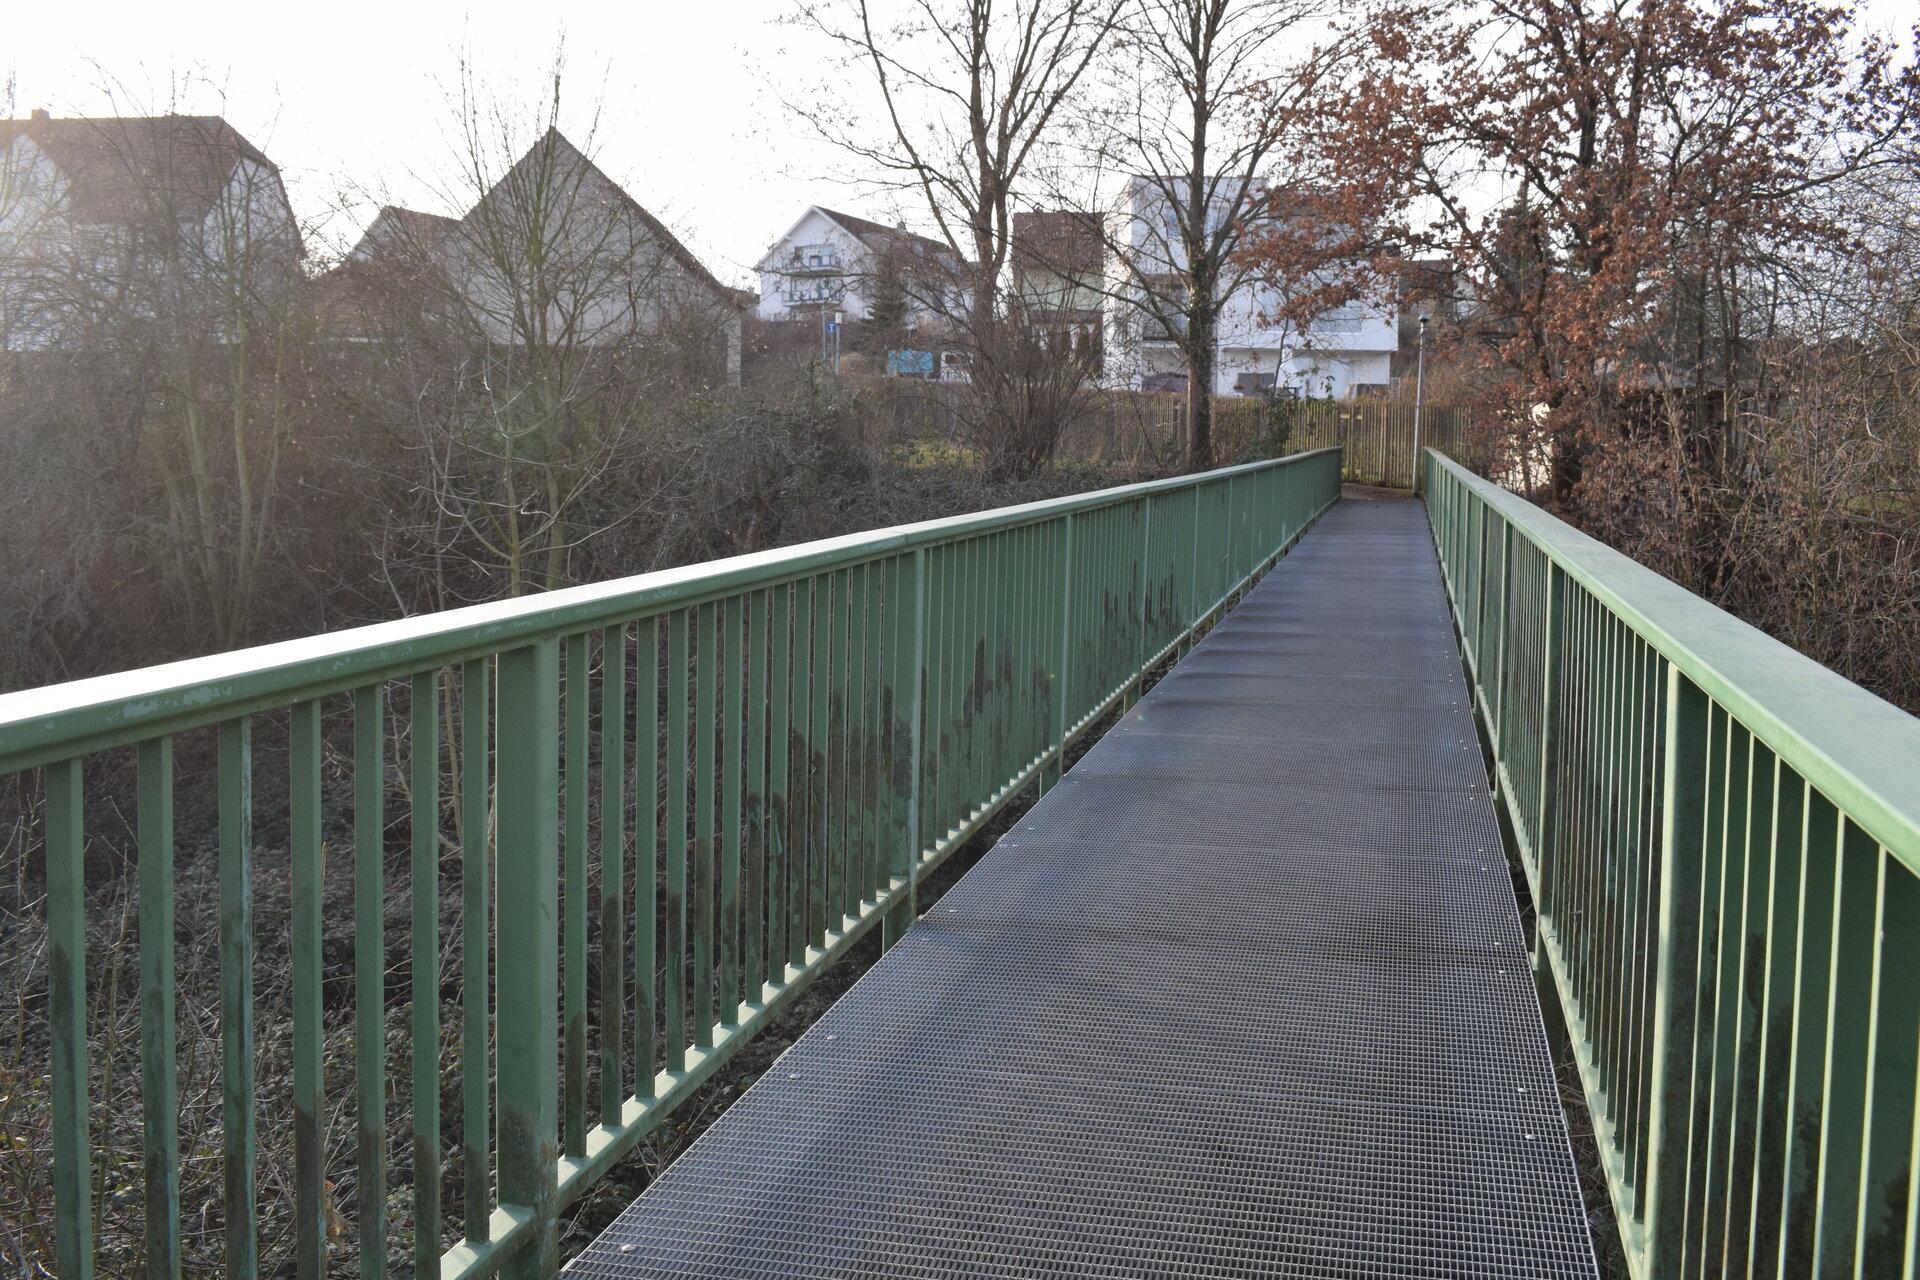 von der Bahnhofstraße aus über die Brücke der ehemaligen Muldentalbahn